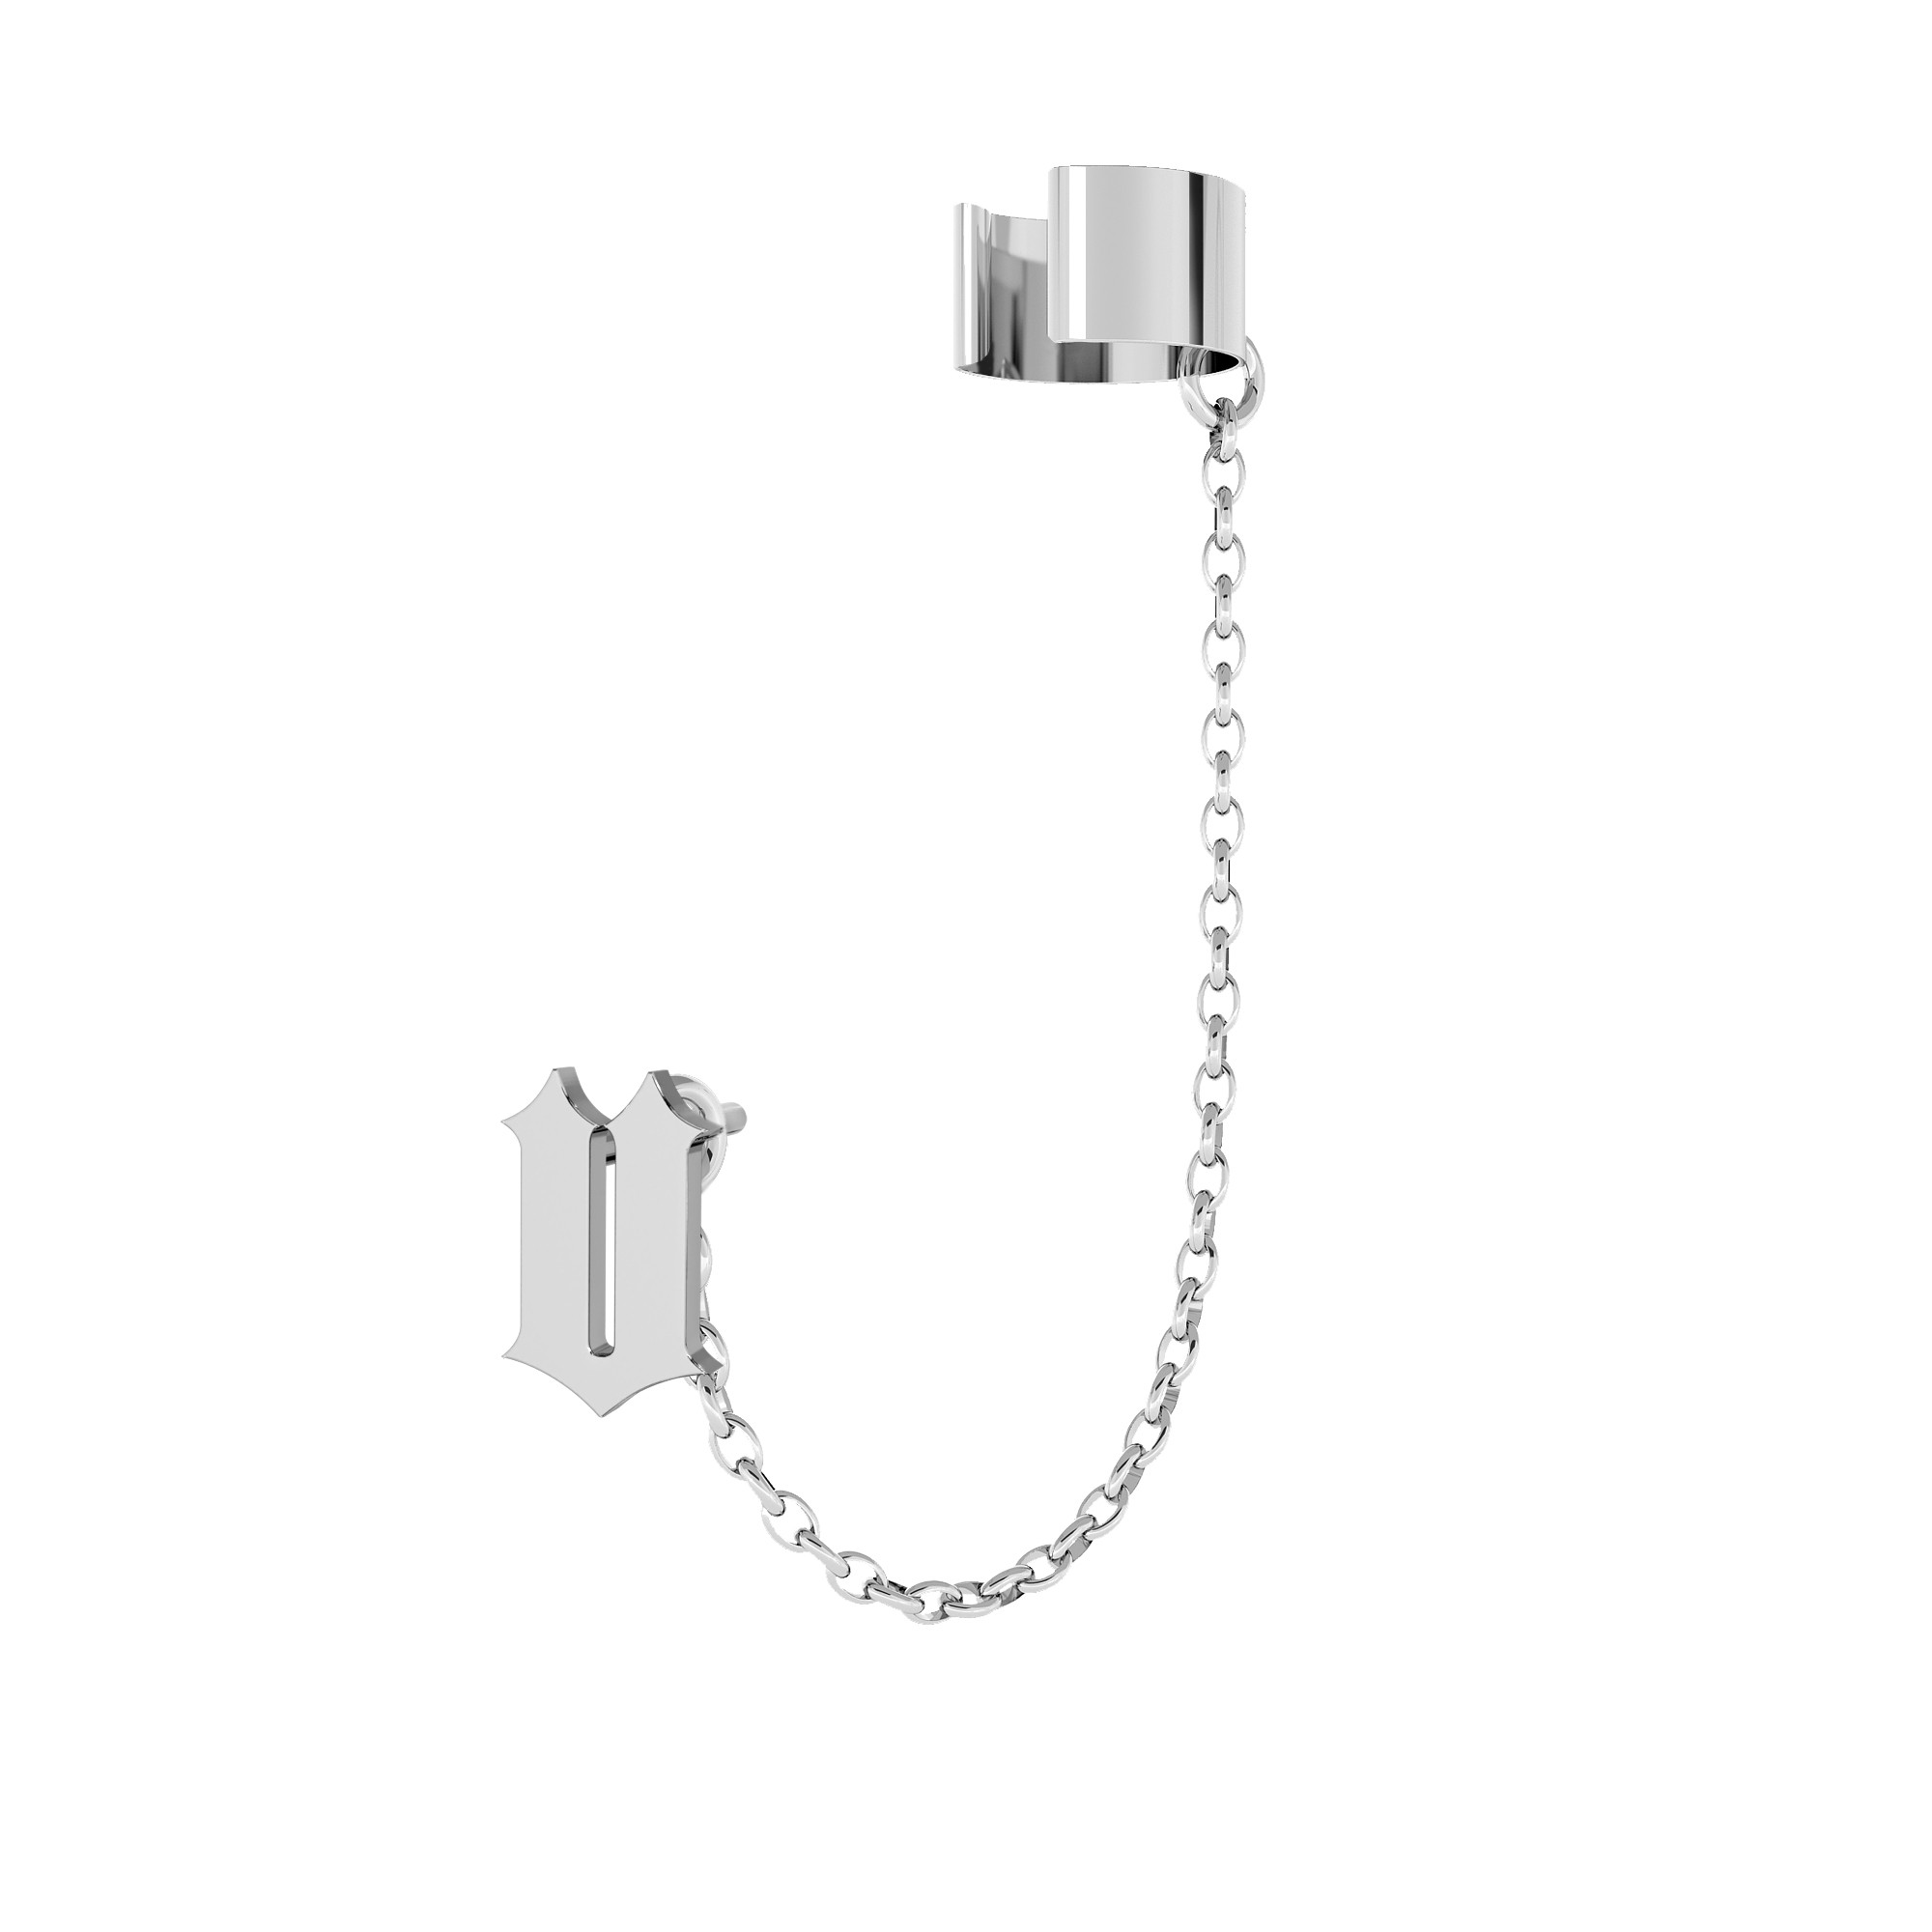 Kettenohrringe Kegel silber 925